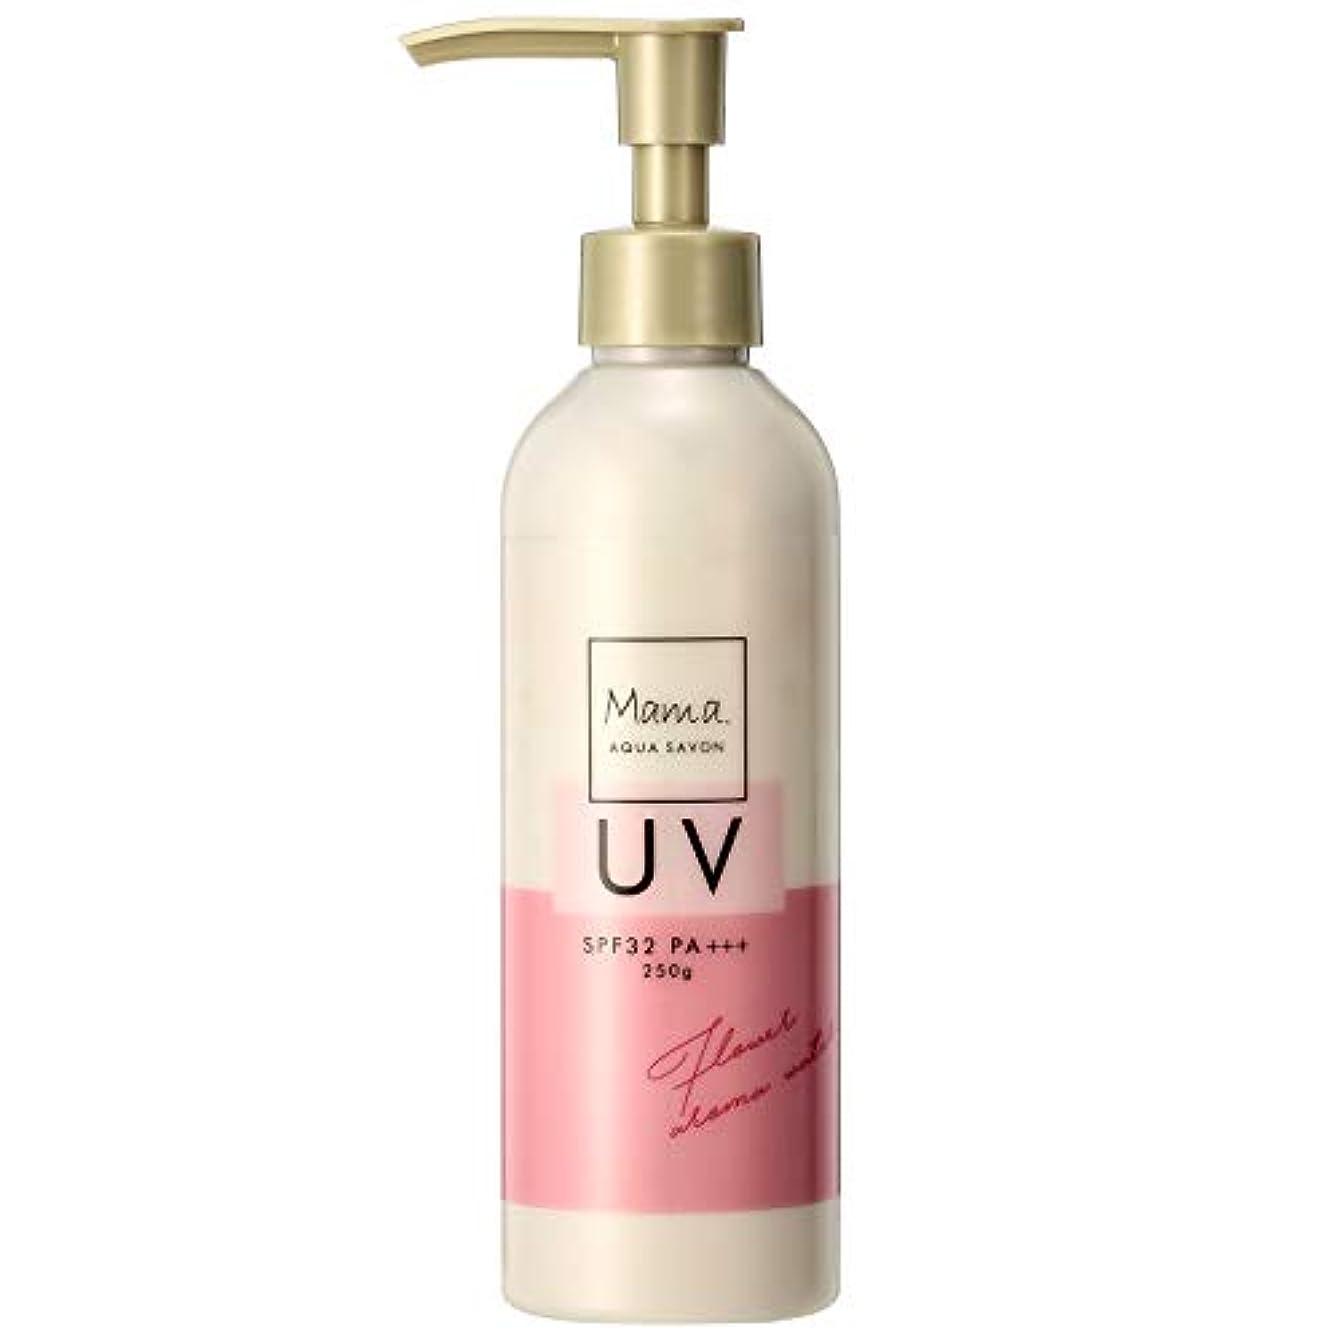 有力者照らす実行するママアクアシャボン UVモイストジェル フラワーアロマウォーターの香り 19S 250g